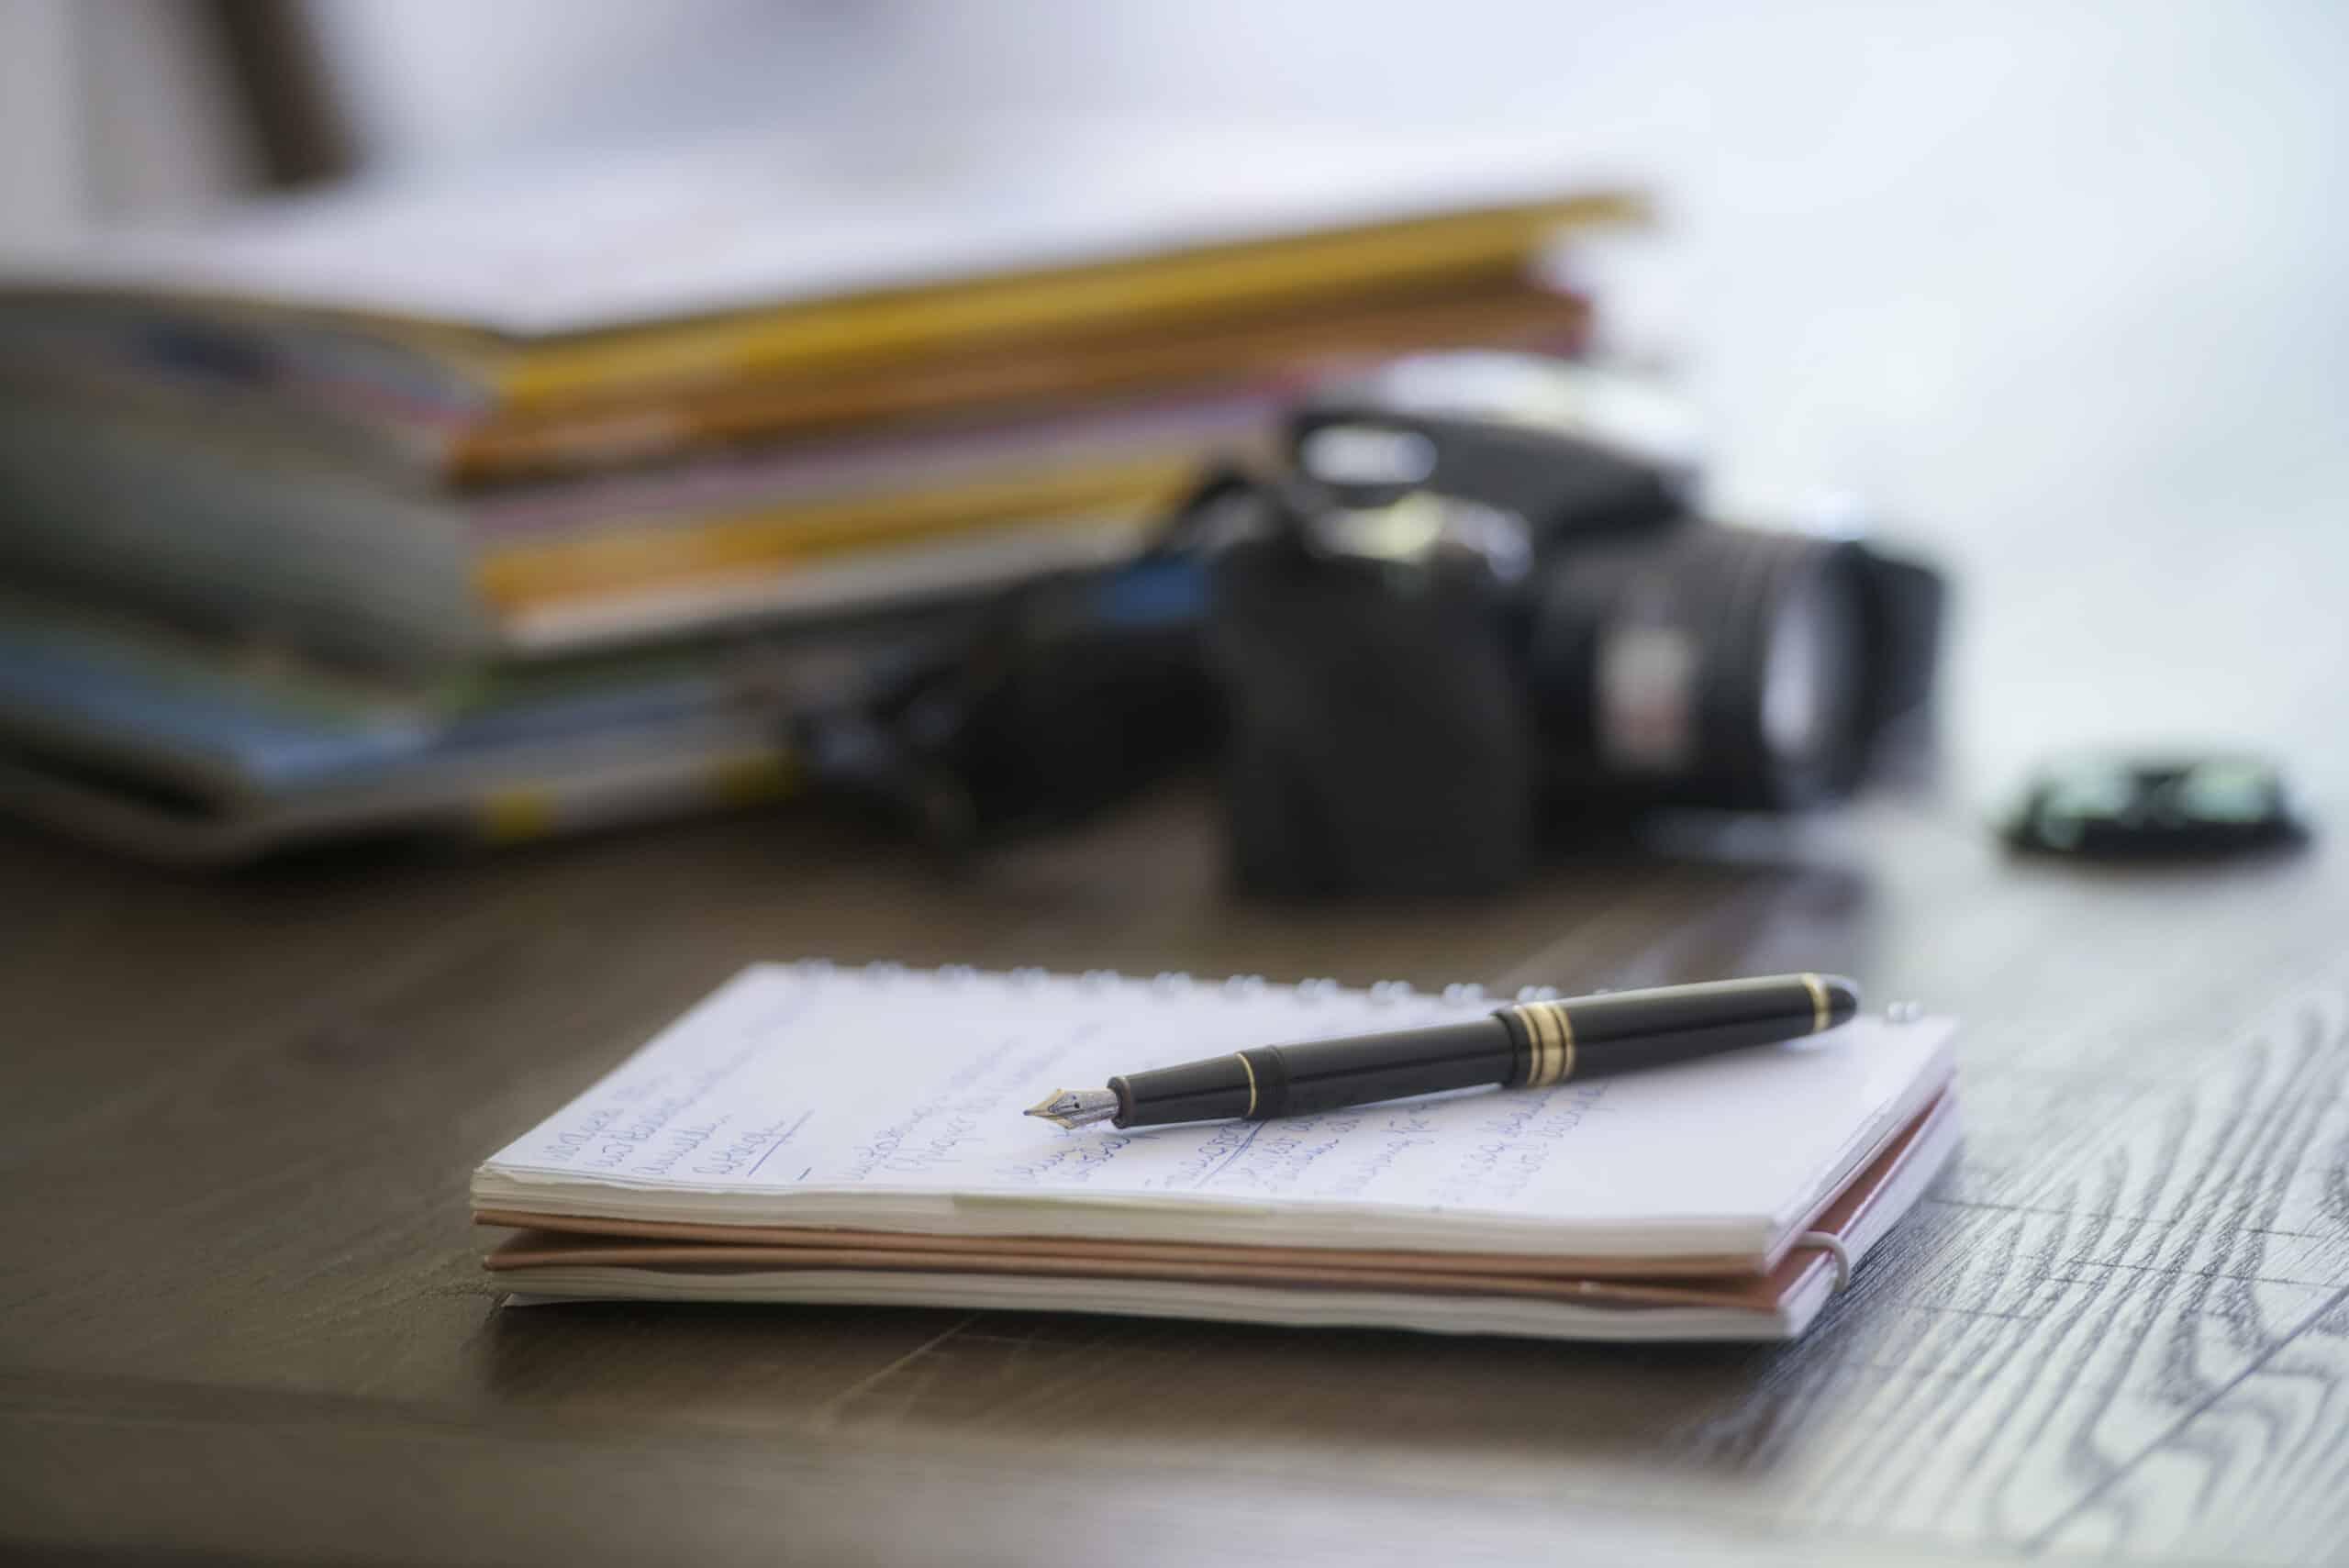 Familienchronik schreiben – jetzt als Beitrag im Landwirtschaftlichen Wochenblatt